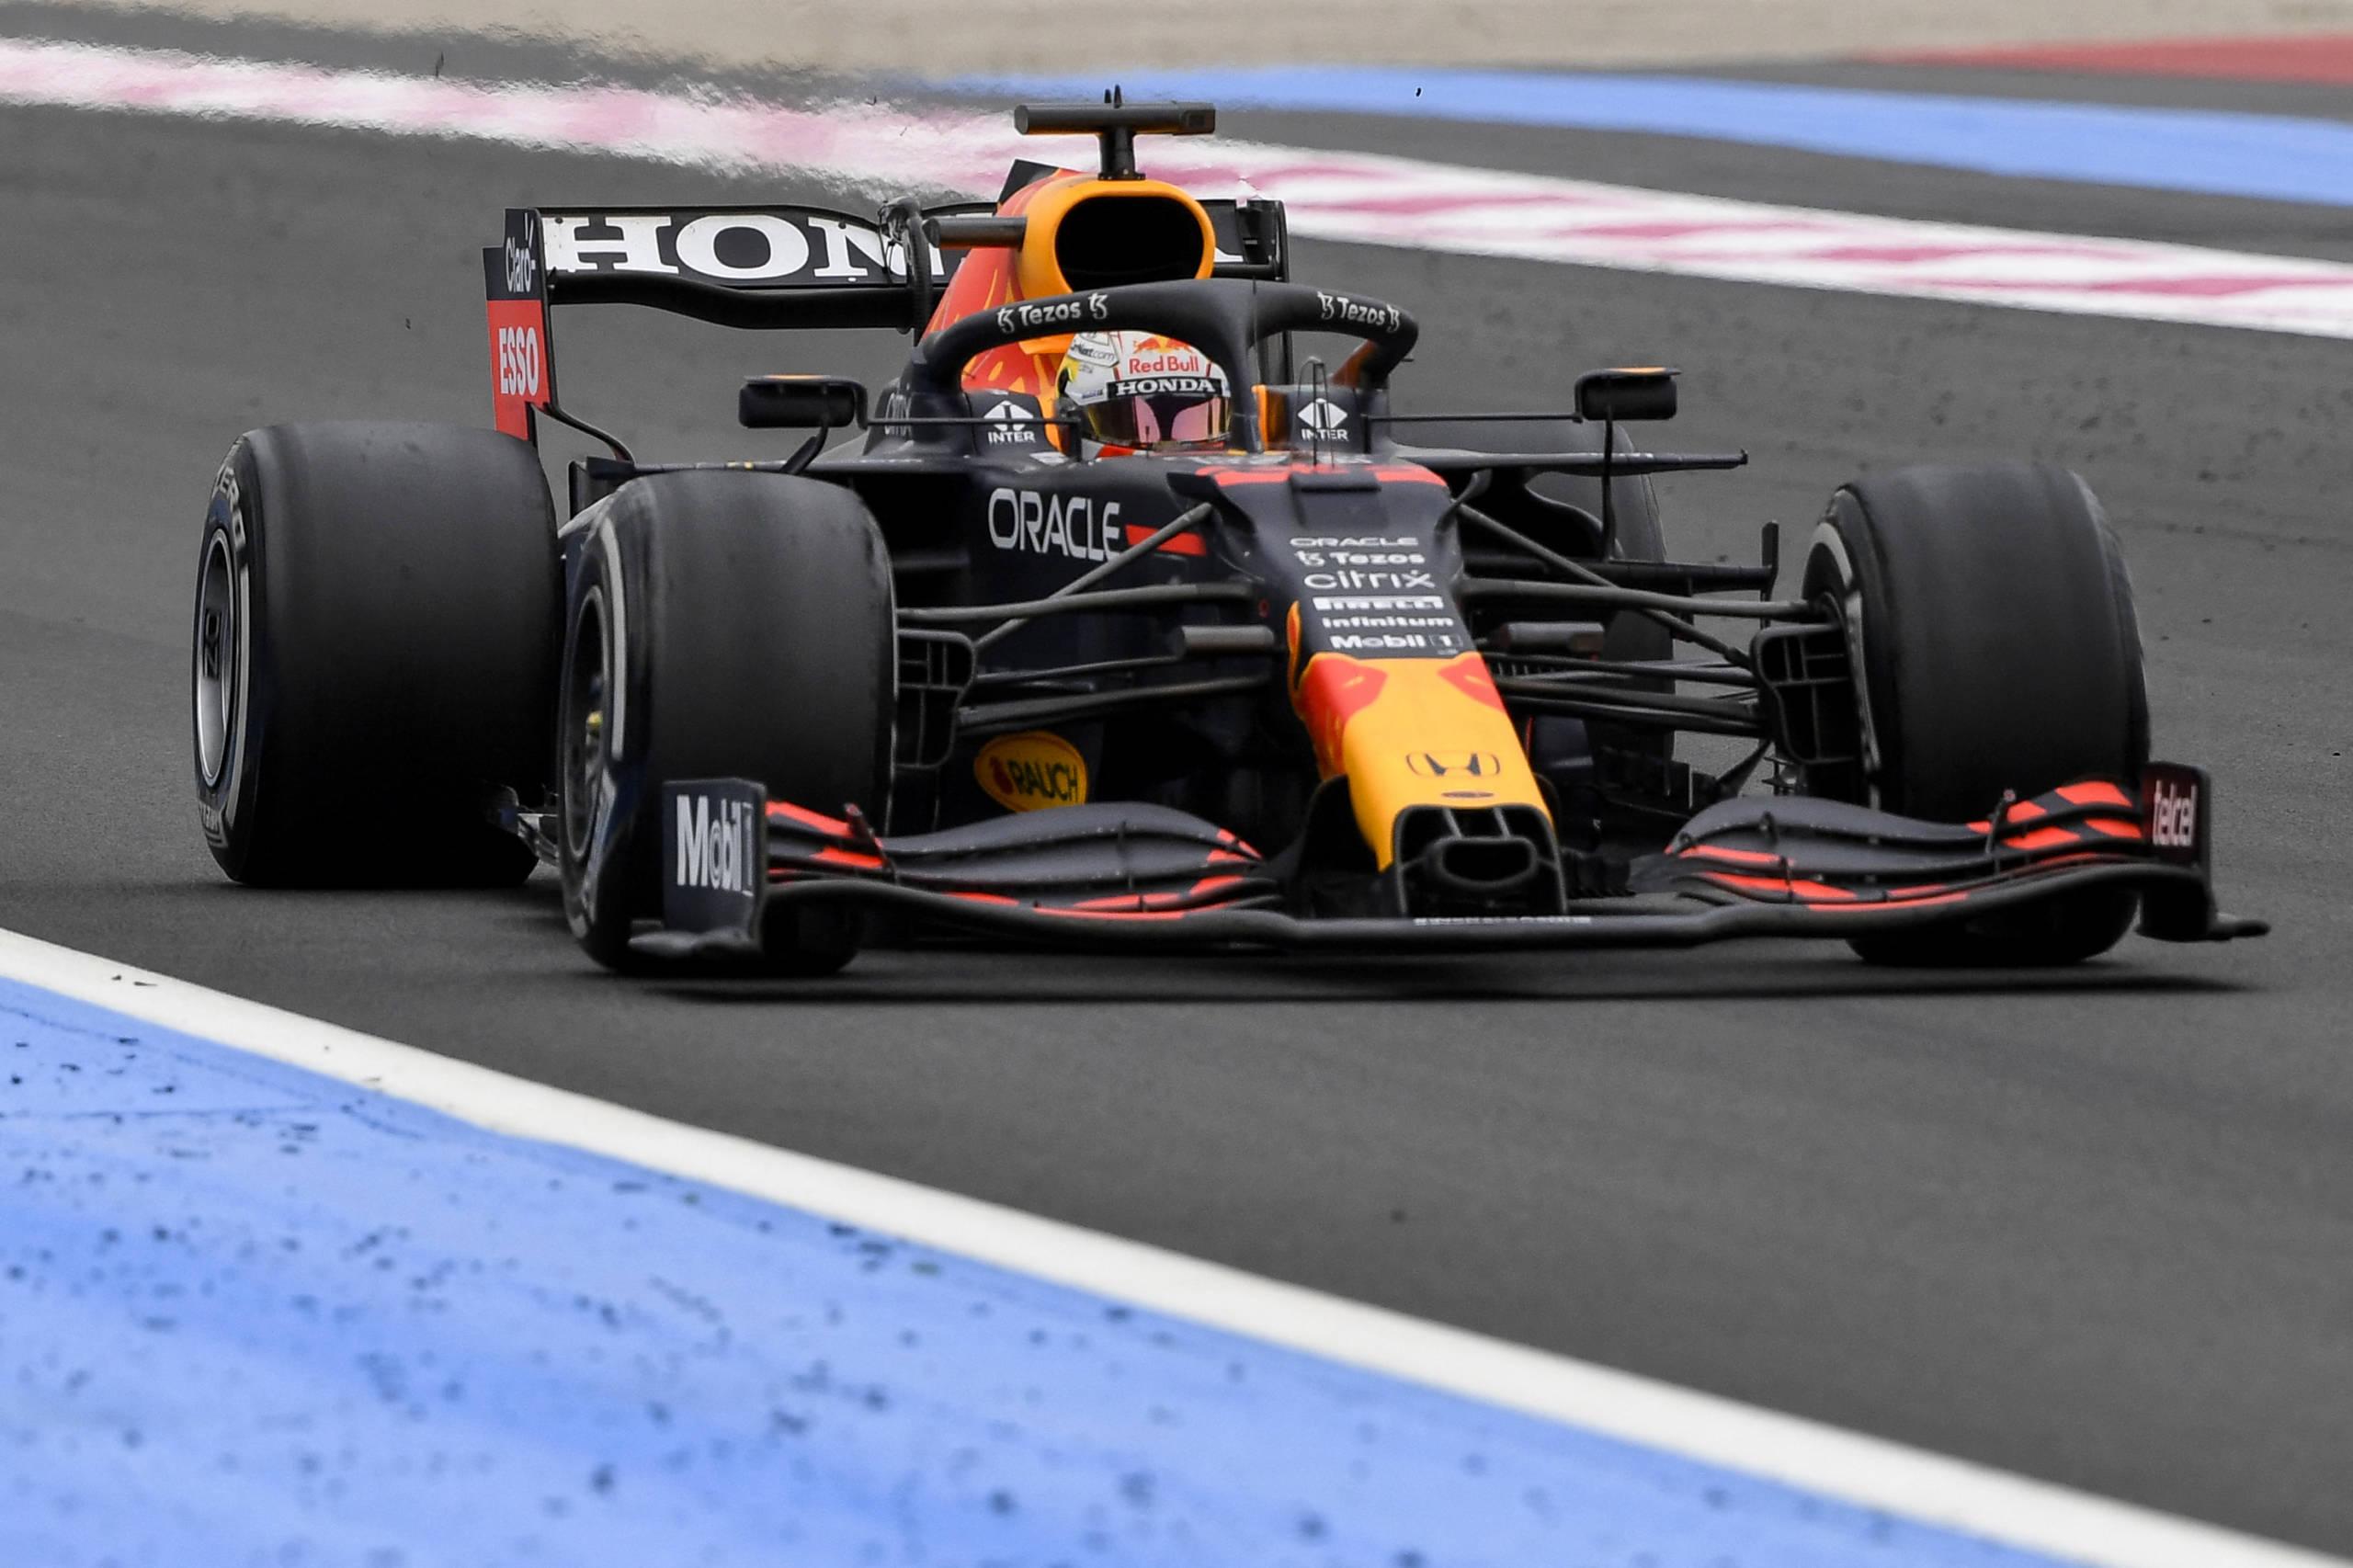 Diretor da Red Bull avalia em 1,8 milhão de dólares conserto de carro de Verstappen